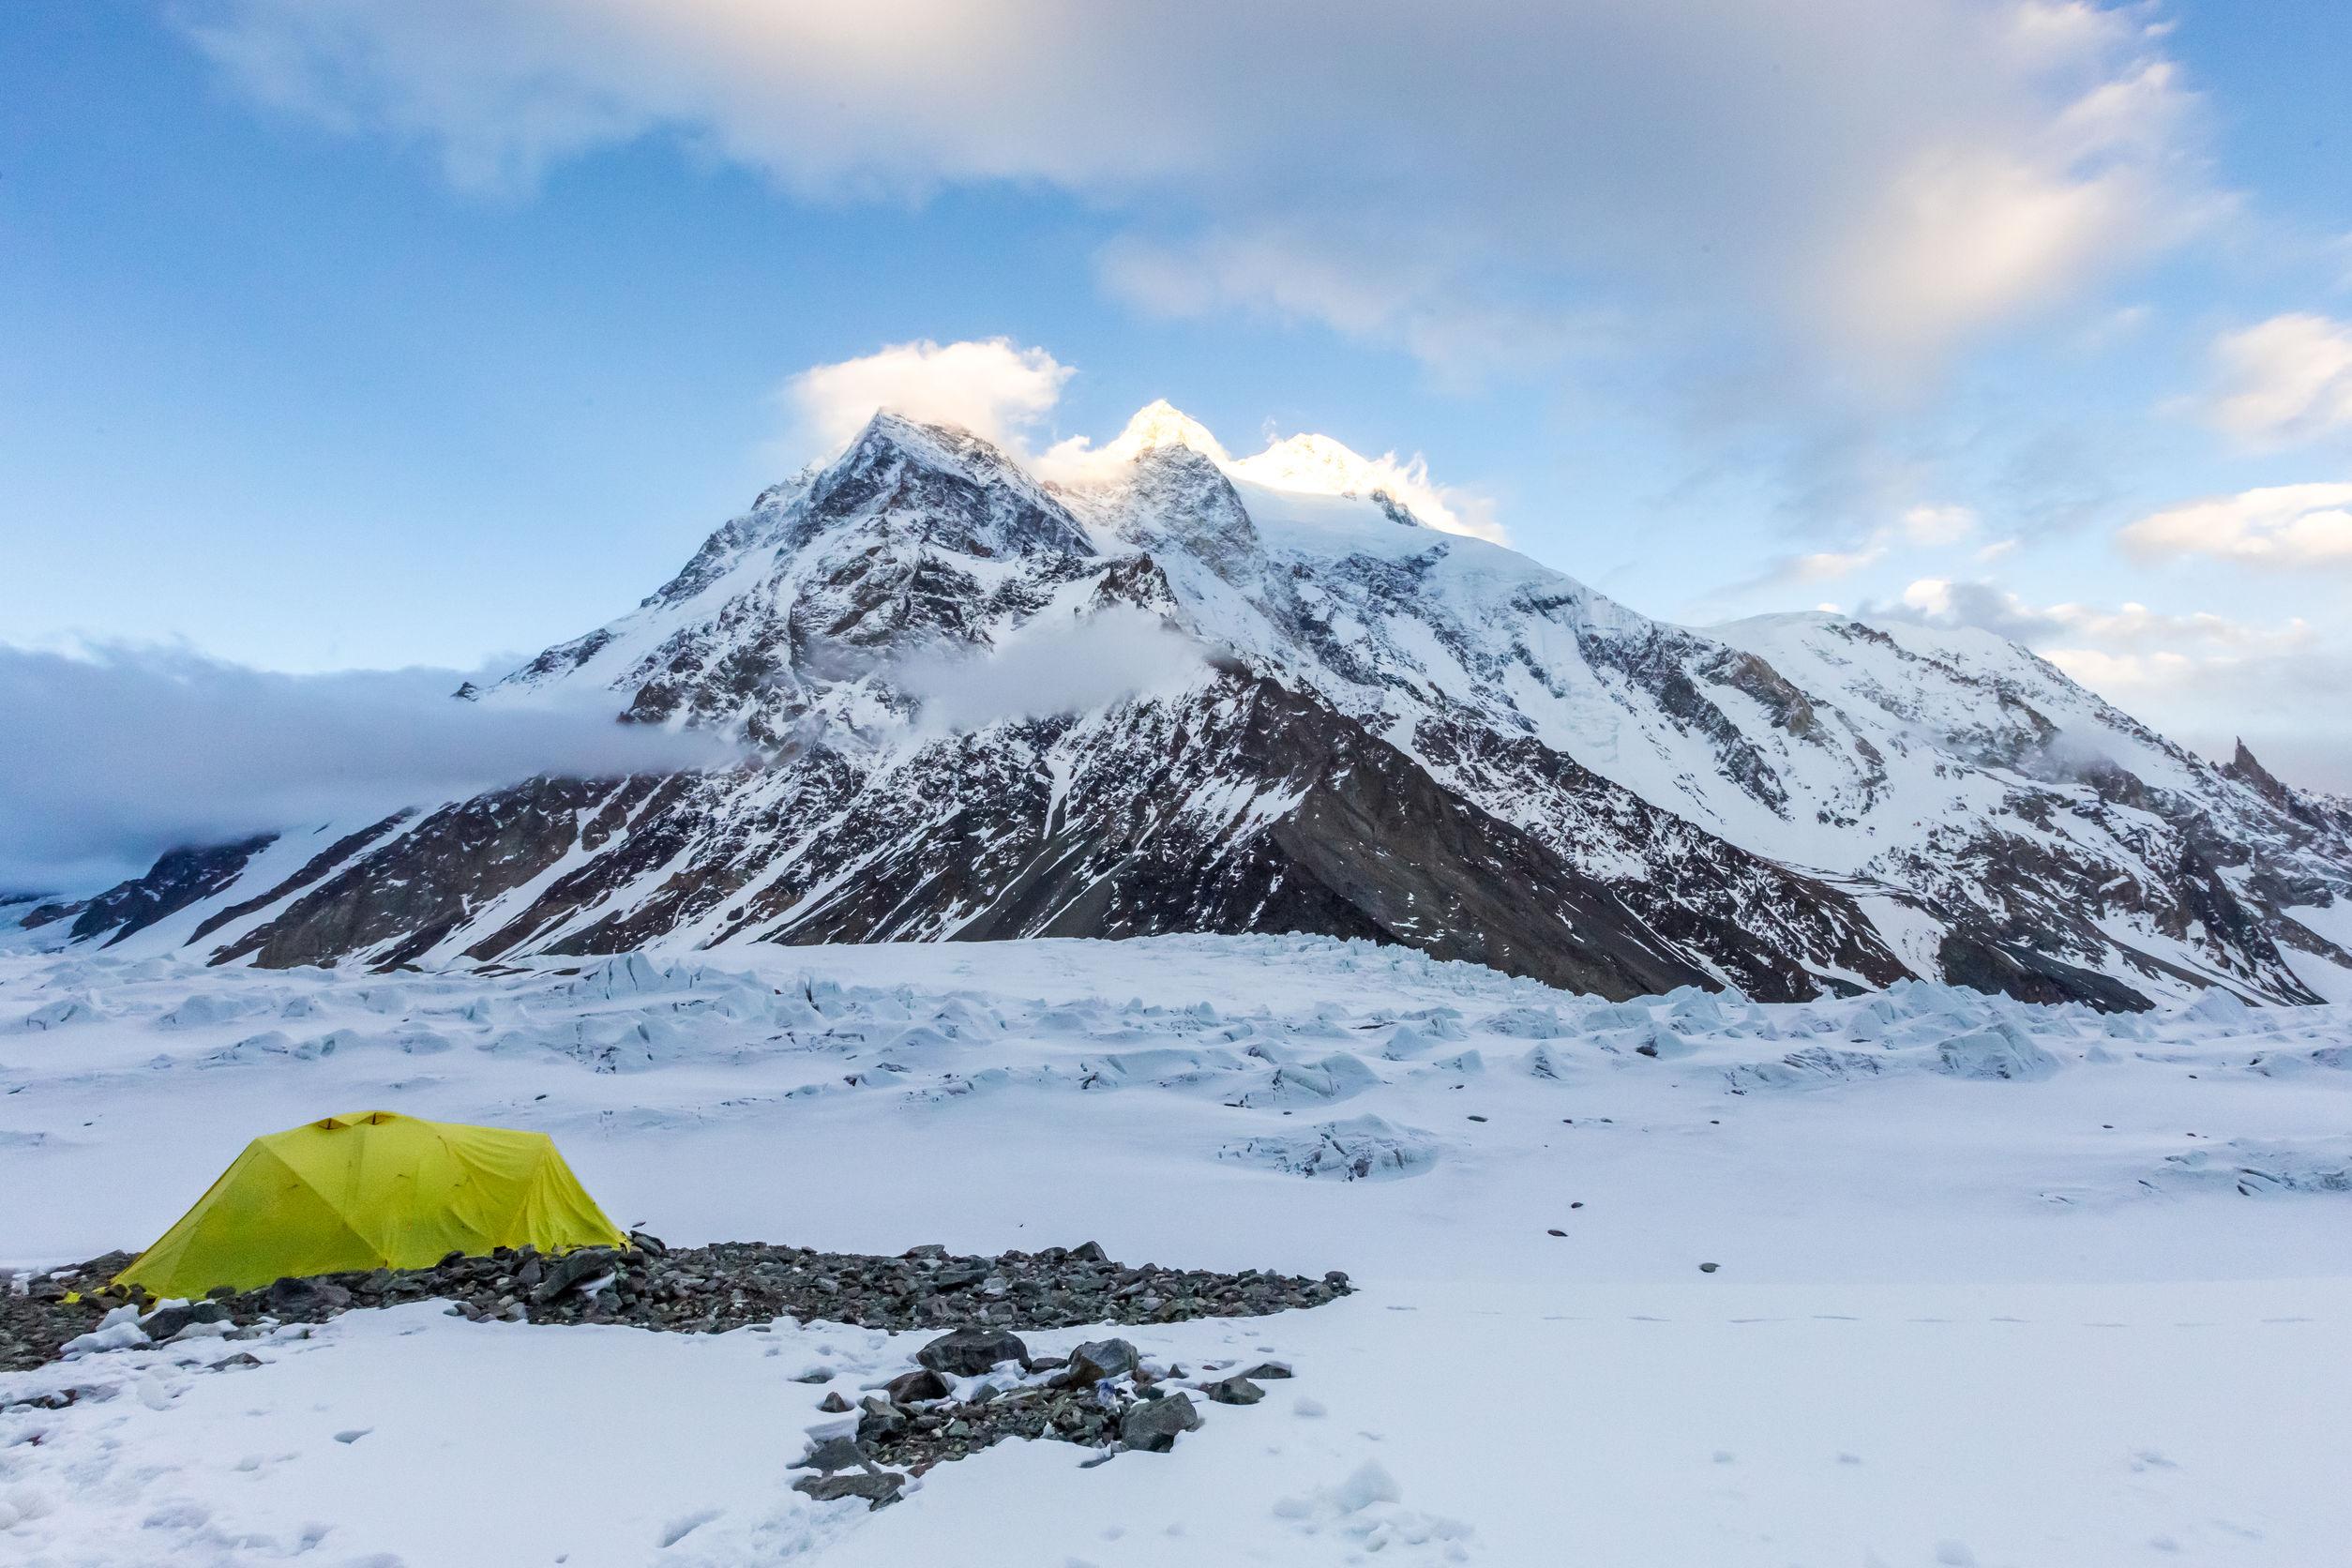 mezinarodni-festival-alpinismu-praha-2019-se-vraci-na-smichov